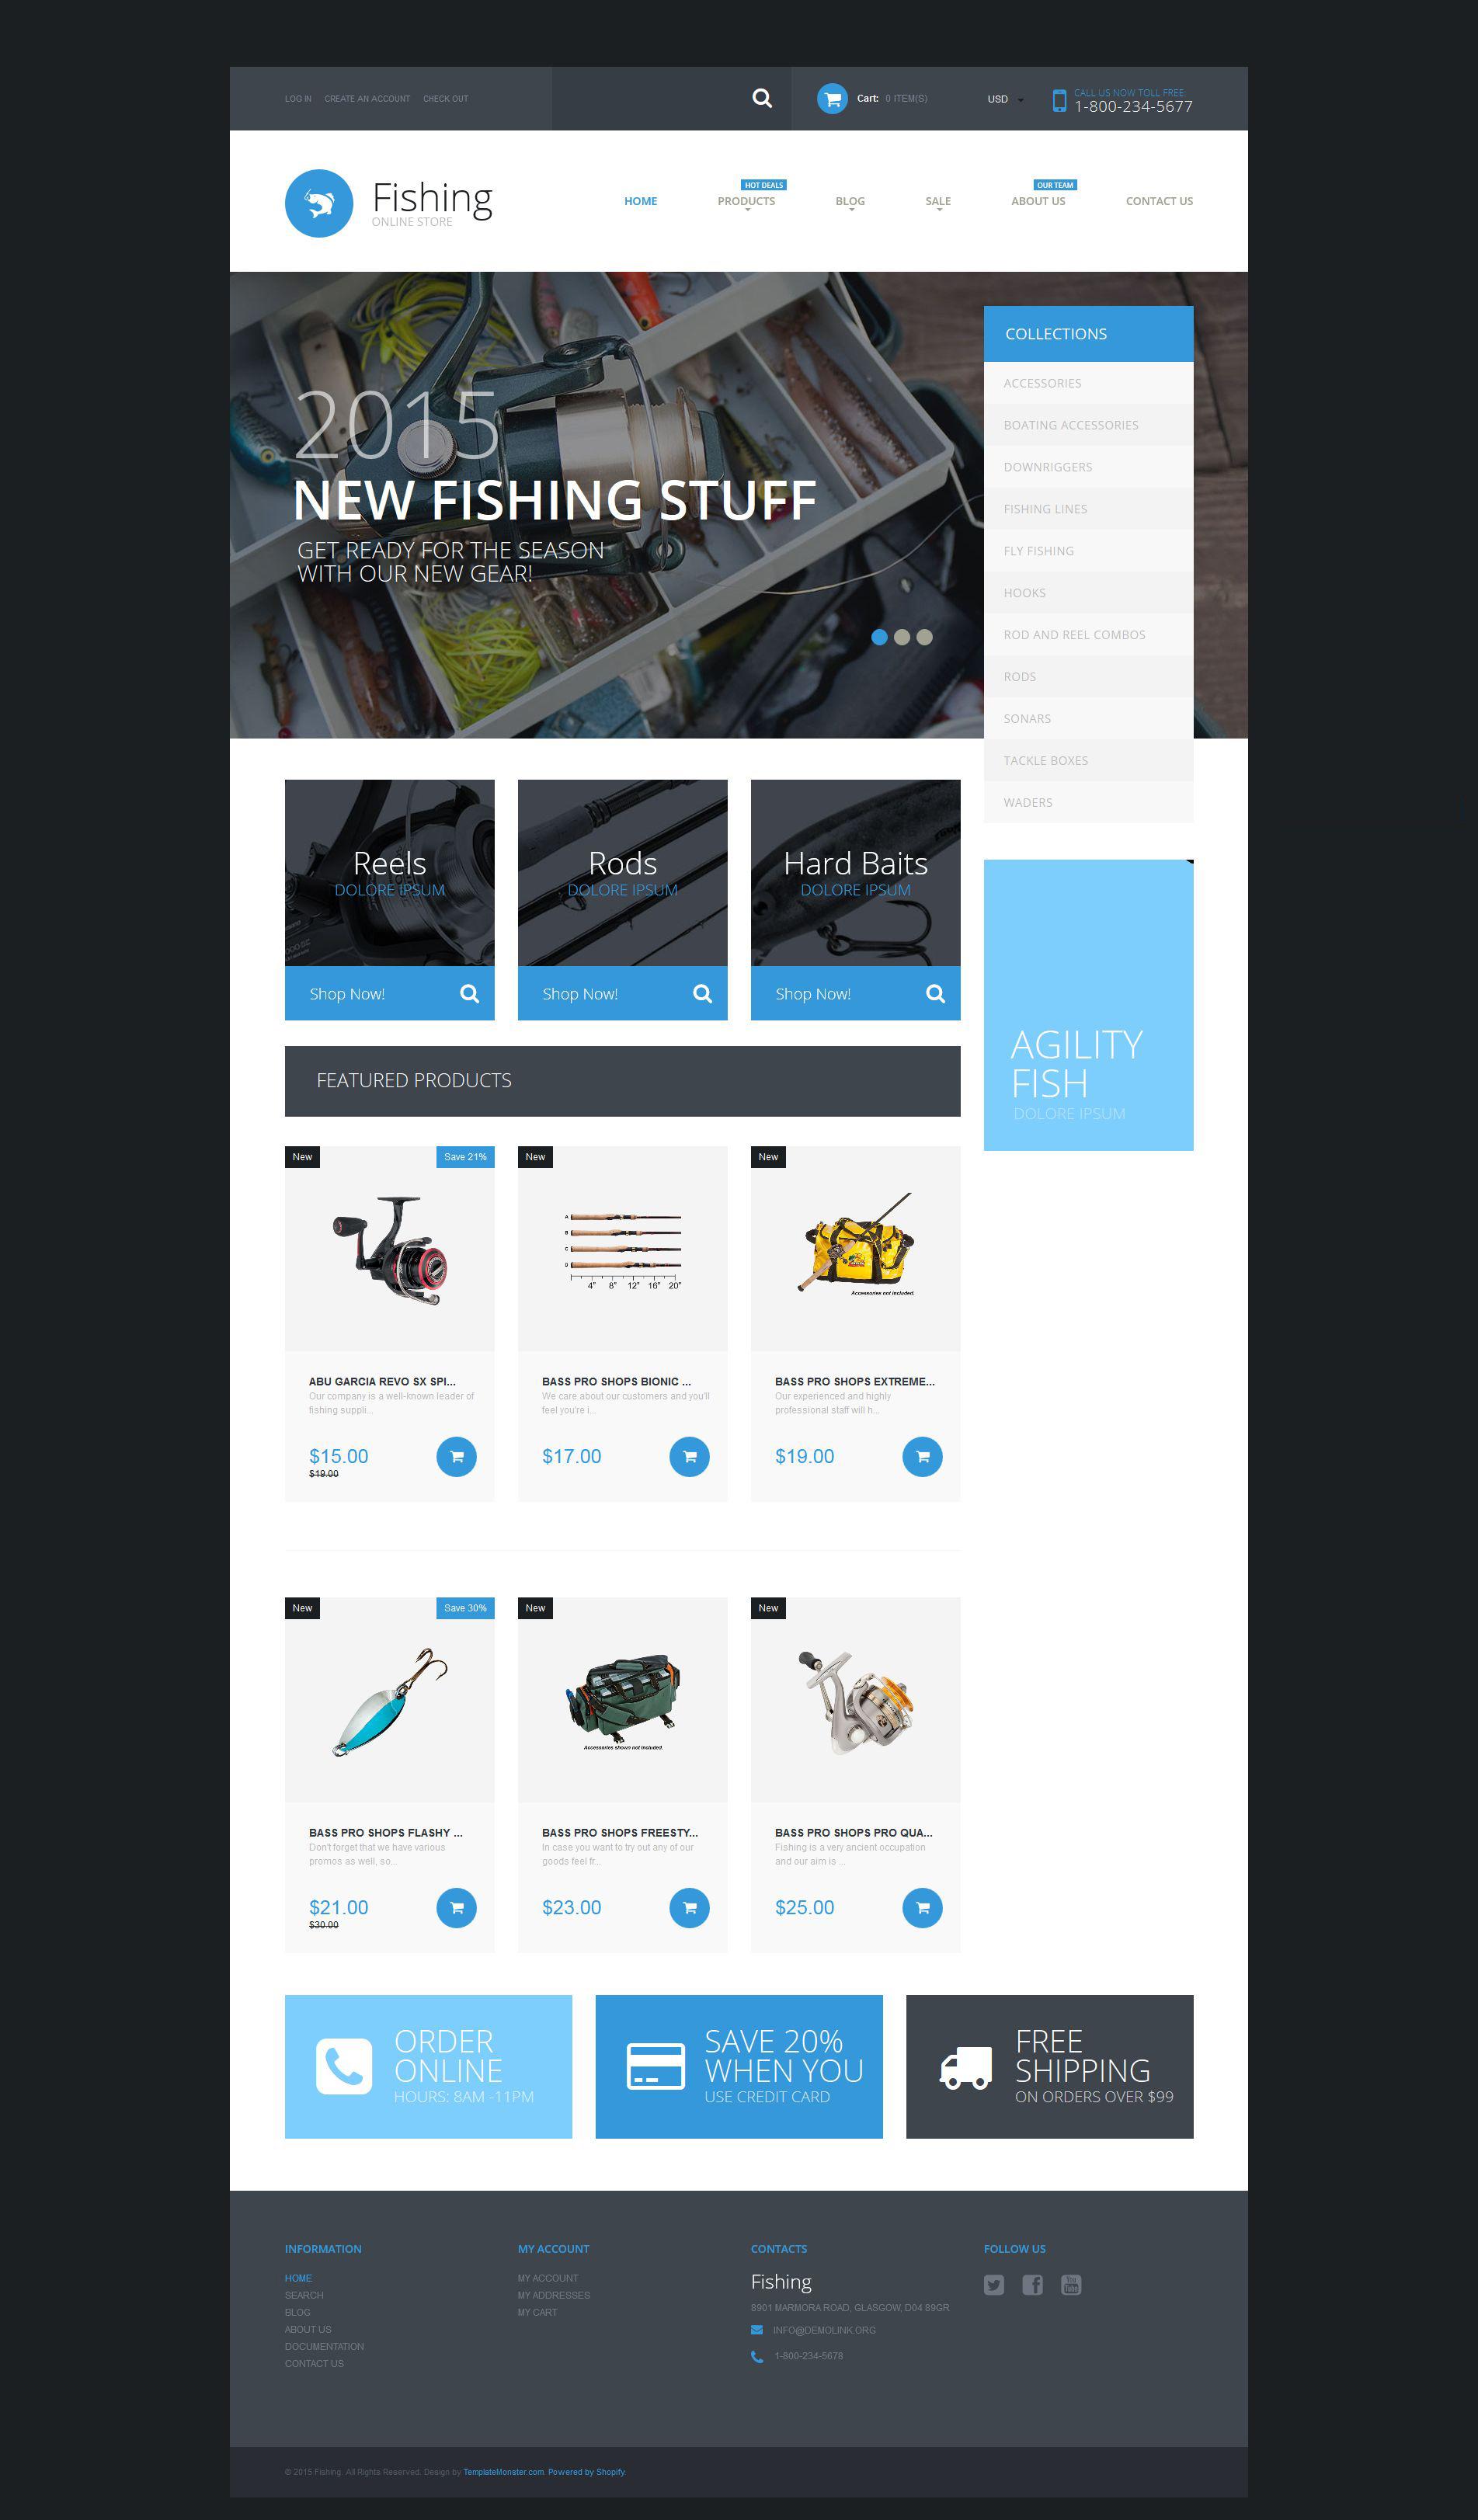 Fishing Supplies №53080 - скриншот